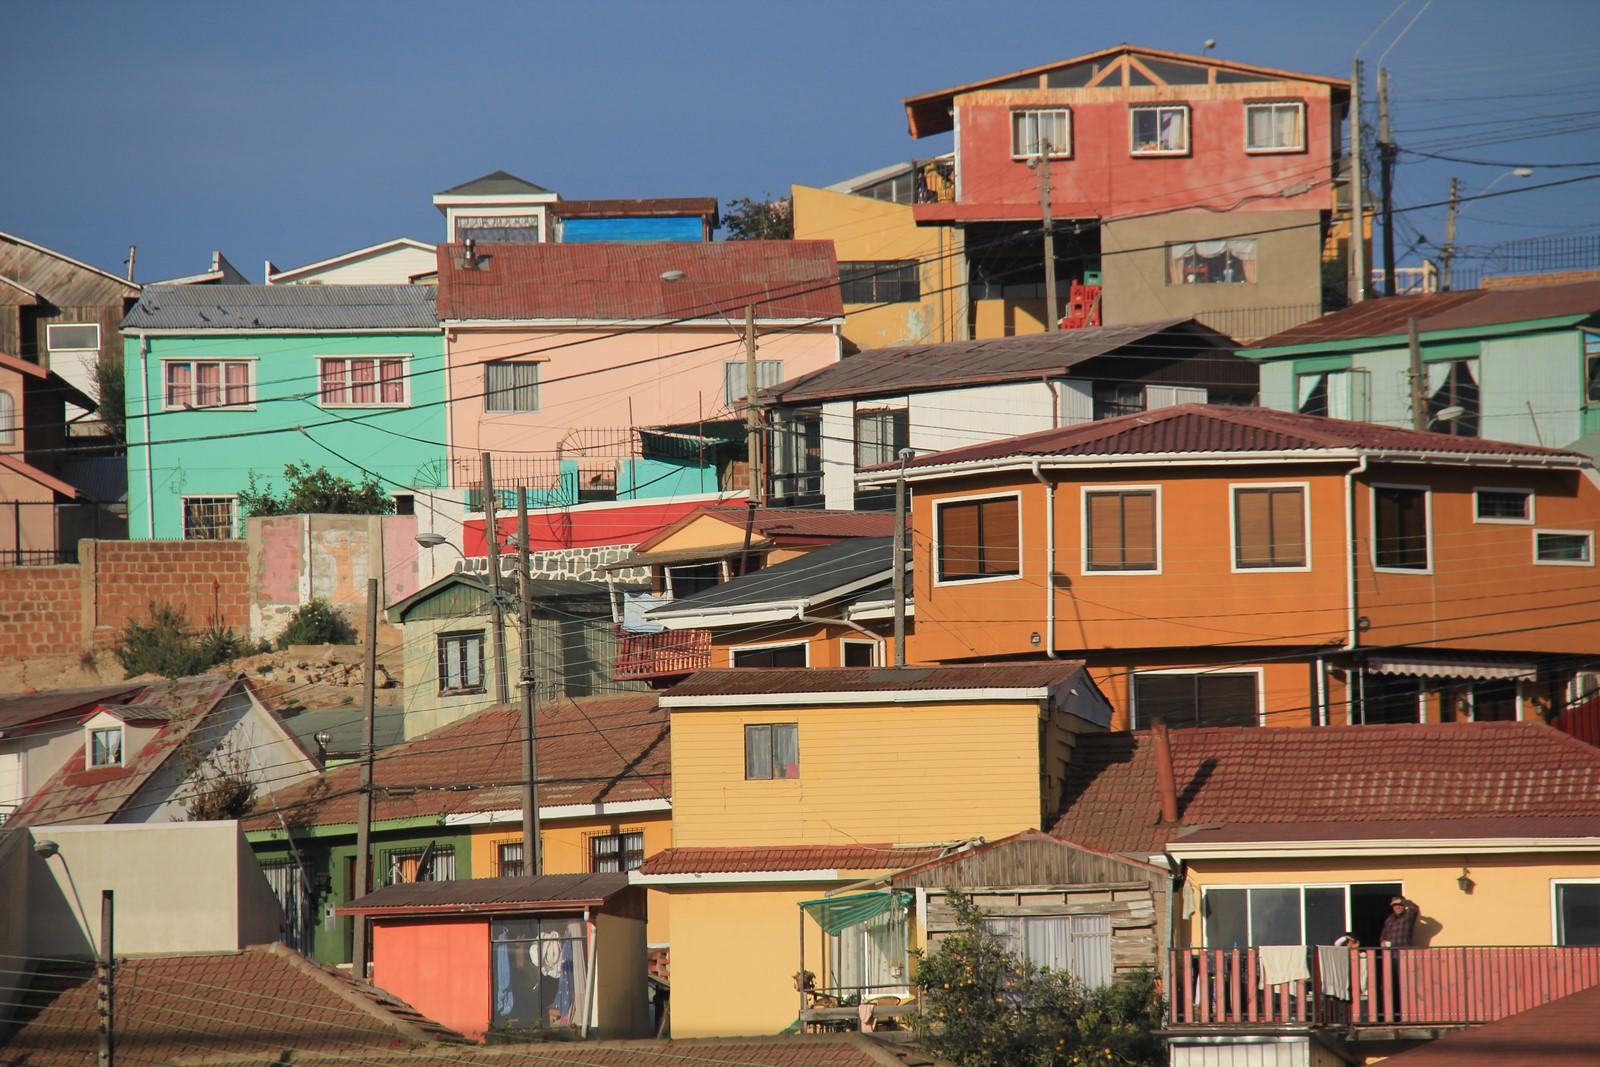 Jours 261 & 262 : On refait un petit tour à… Valparaiso !